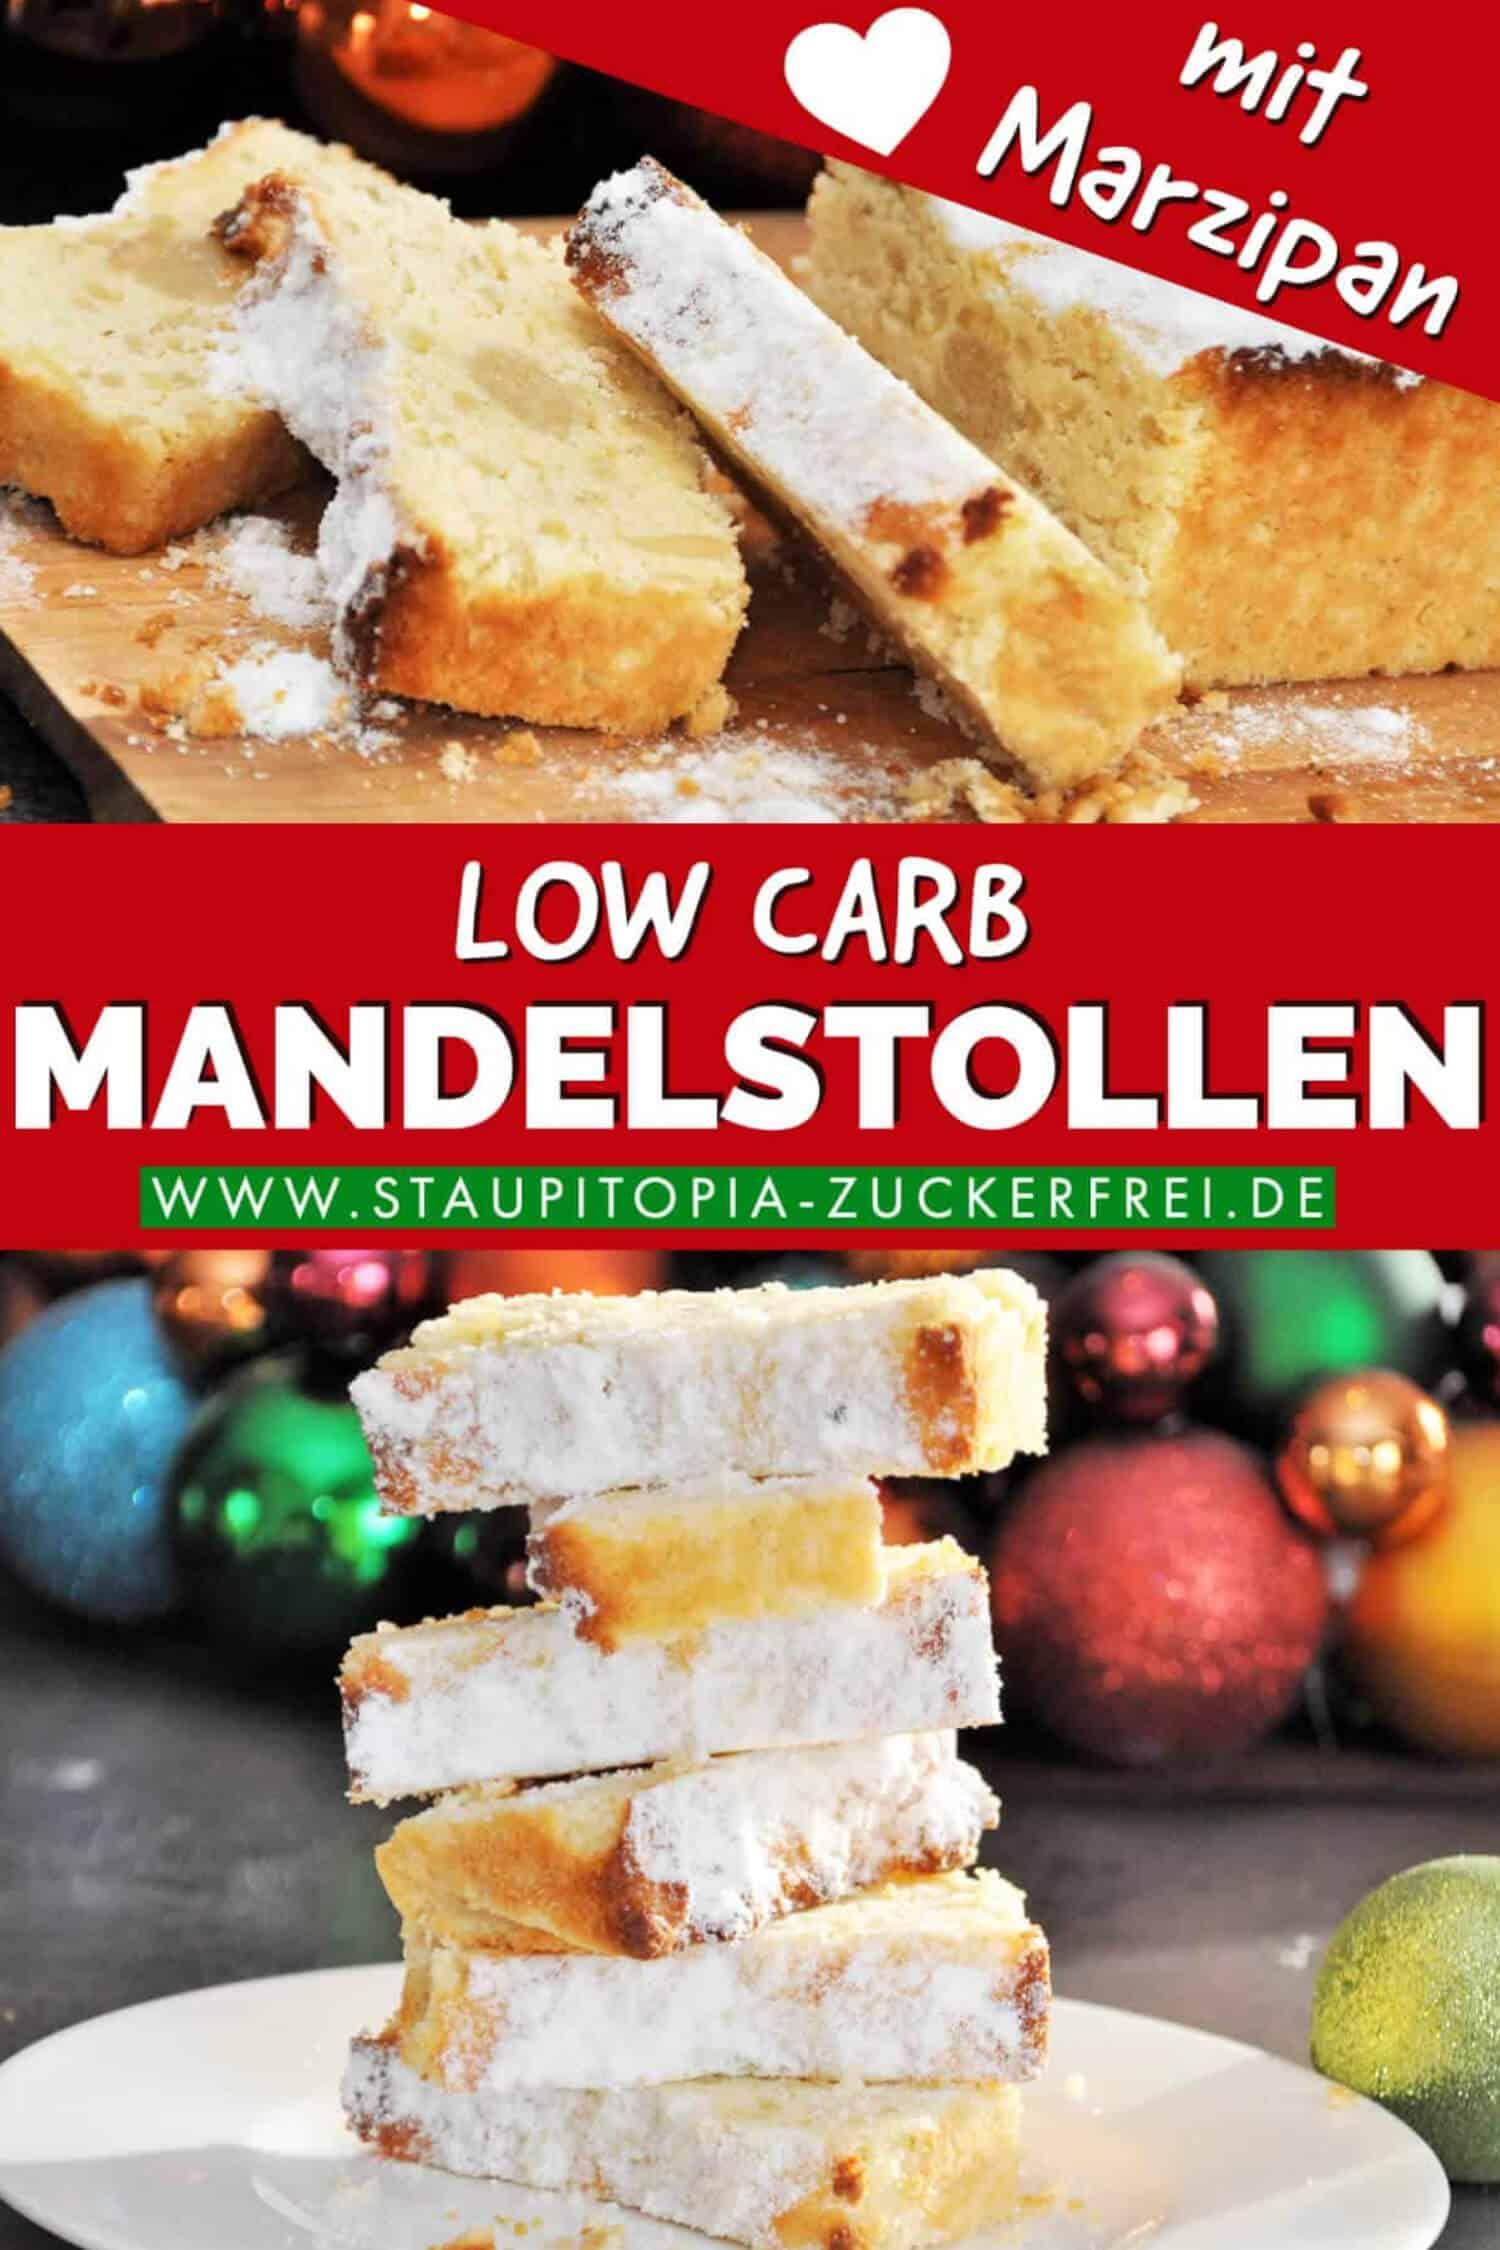 Low Carb Backen zu Weihnachten: Dieser Low Carb Mandelstollen mit Marzipan wird dich begeistern. Er ist schnell zubereitet, glutenfrei und kommt natürlich ohne Zucker aus!